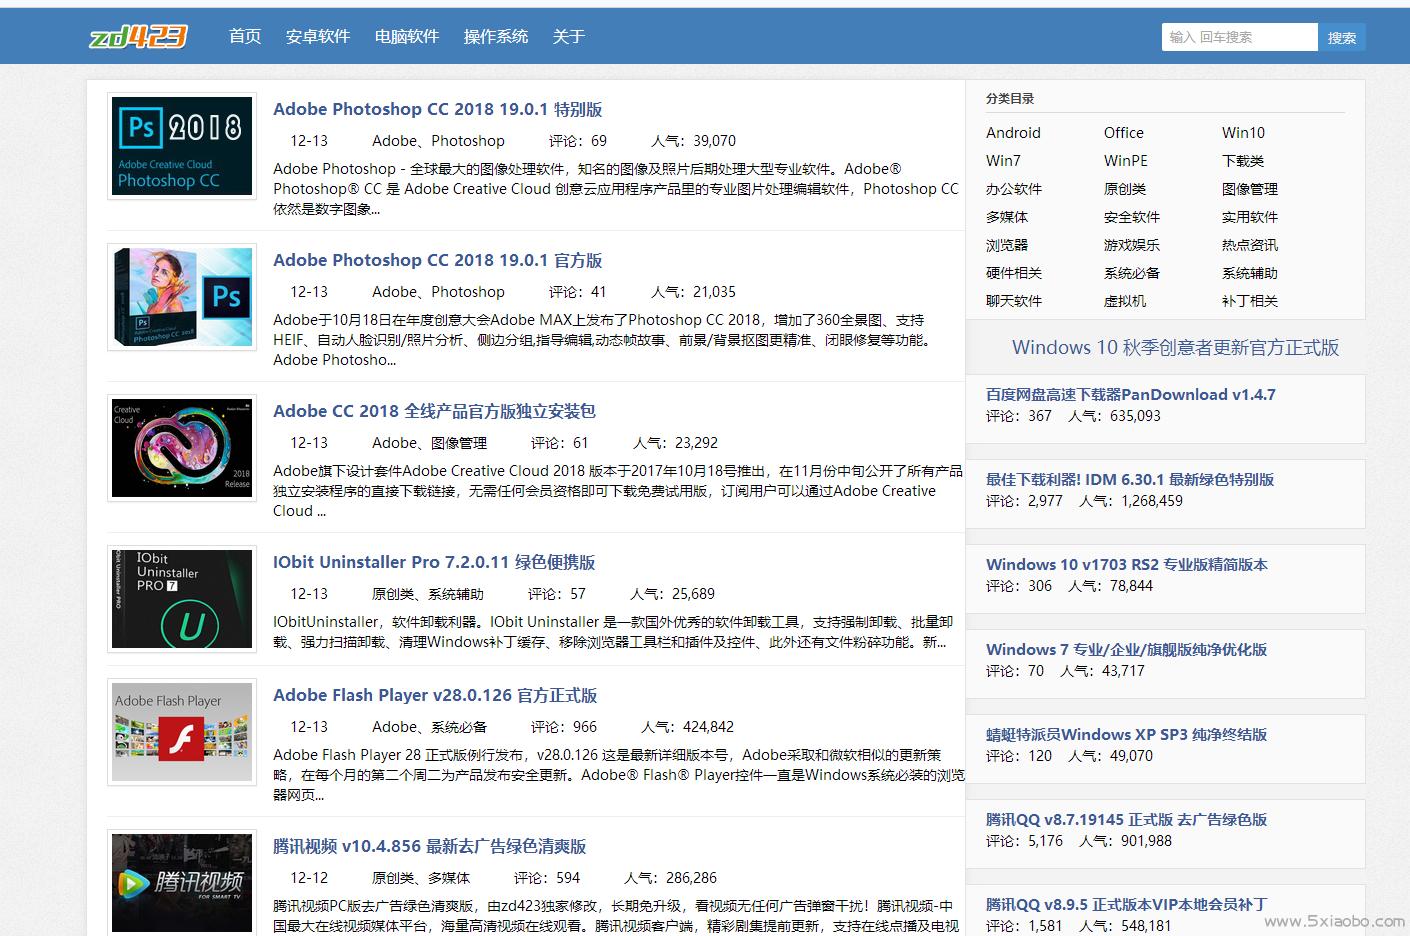 推荐几个软件下载博客站点  软件下载 破解 第2张